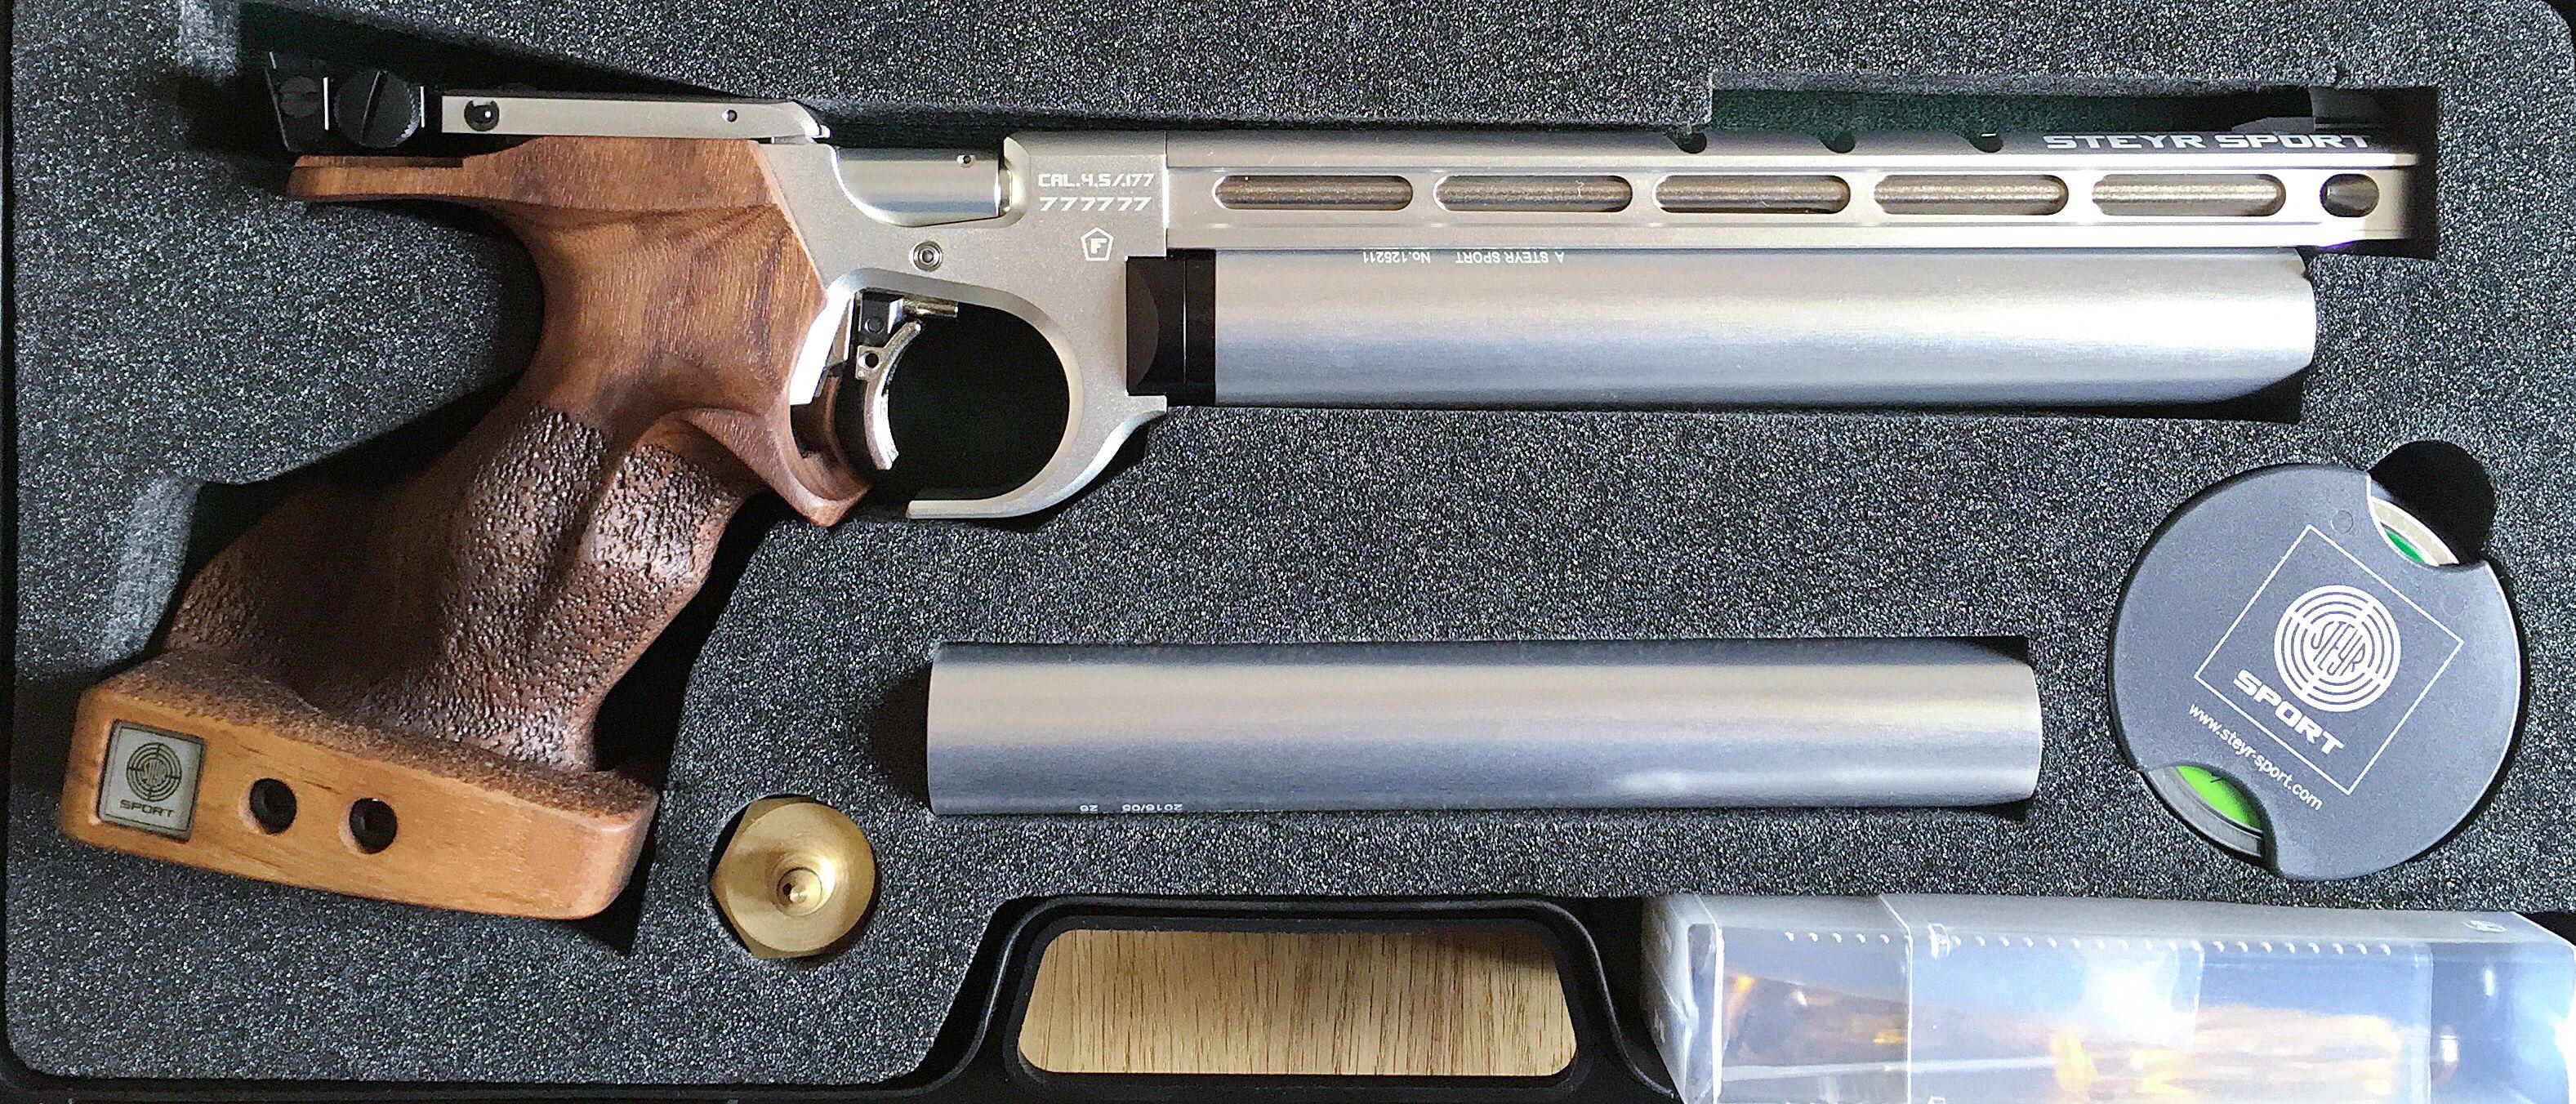 Pin by rae industries on Steyr Pistol   Air rifle, Guns